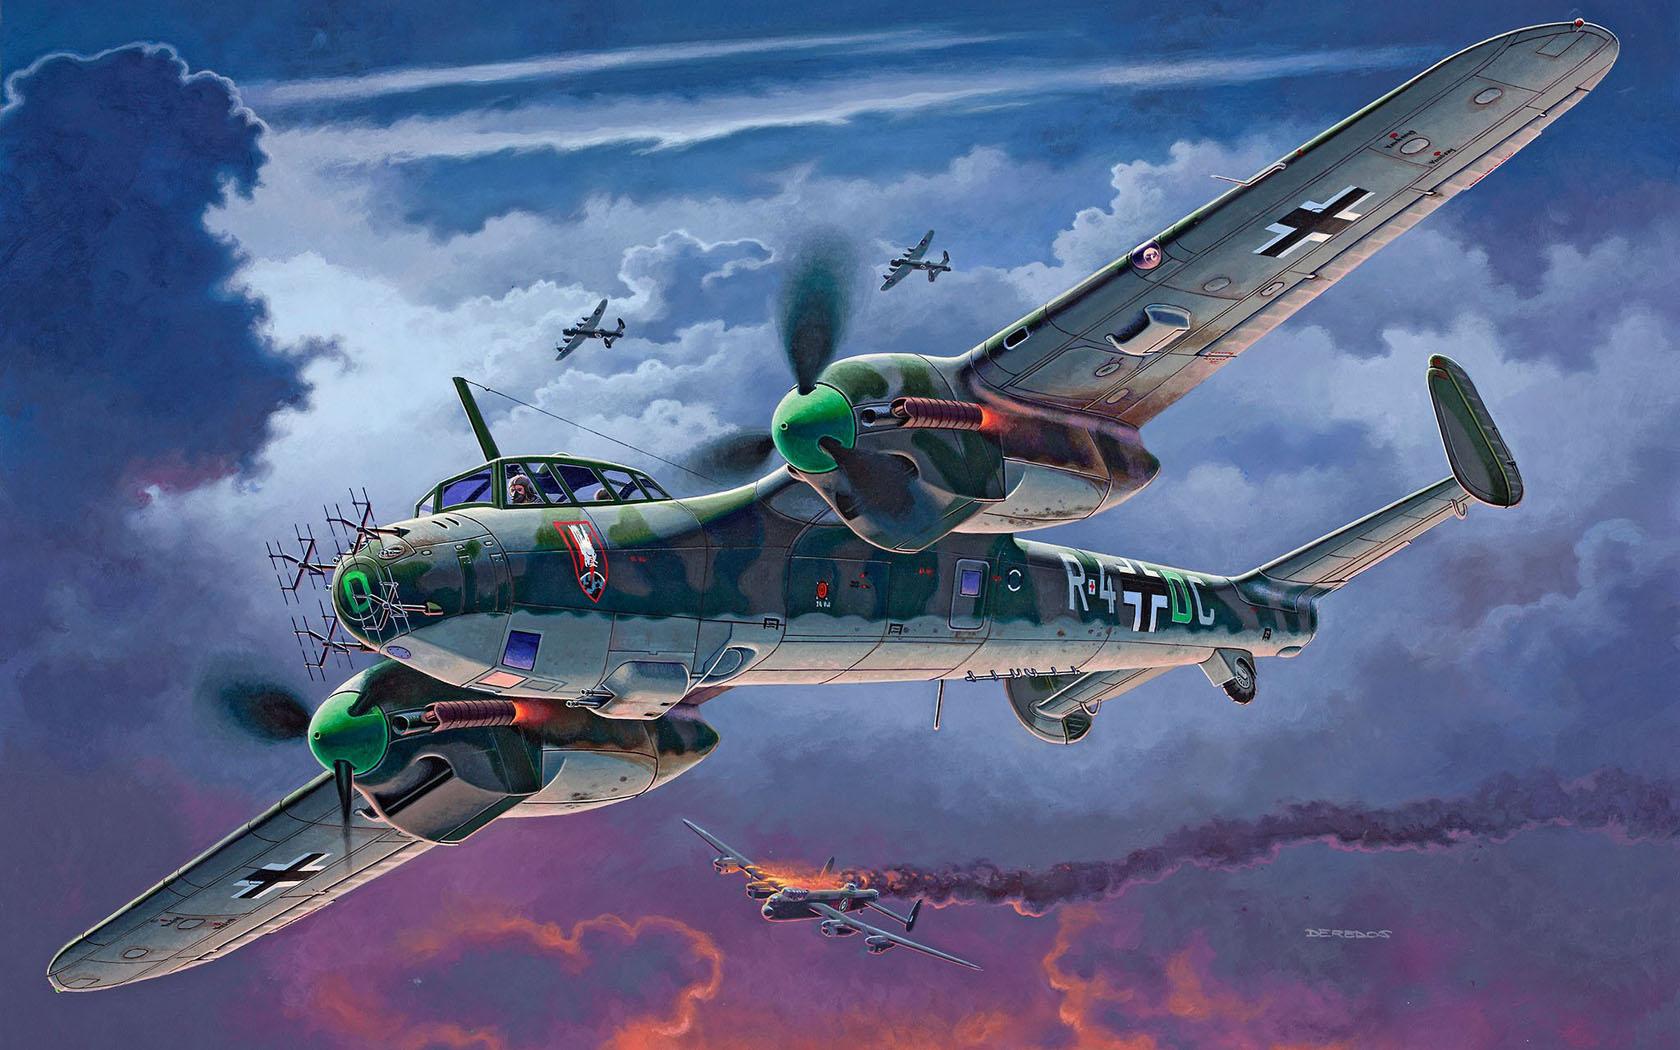 рисунок Dornier Do215 B-5 Nightfighter